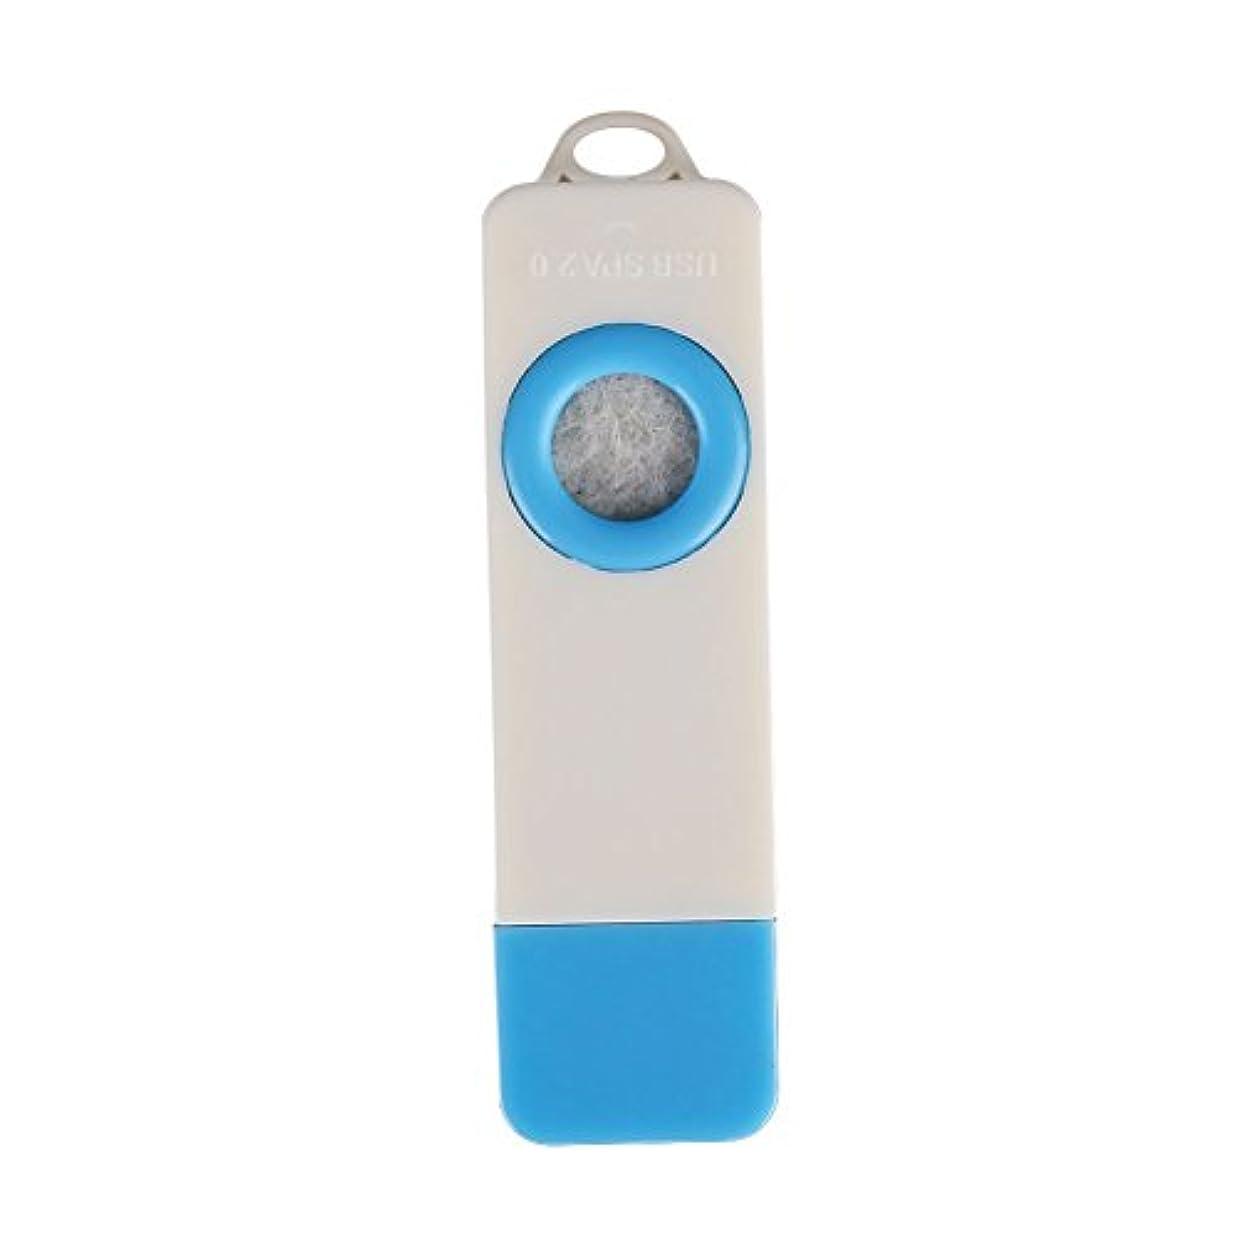 市の中心部スモッグ早めるTOPmountain ファッションミニ USBアロマセラピーディフューザー ポータブル自動香 カーアクセサリーアクセサリー ホームアロマセラピー 健康アロマ オイル加湿器